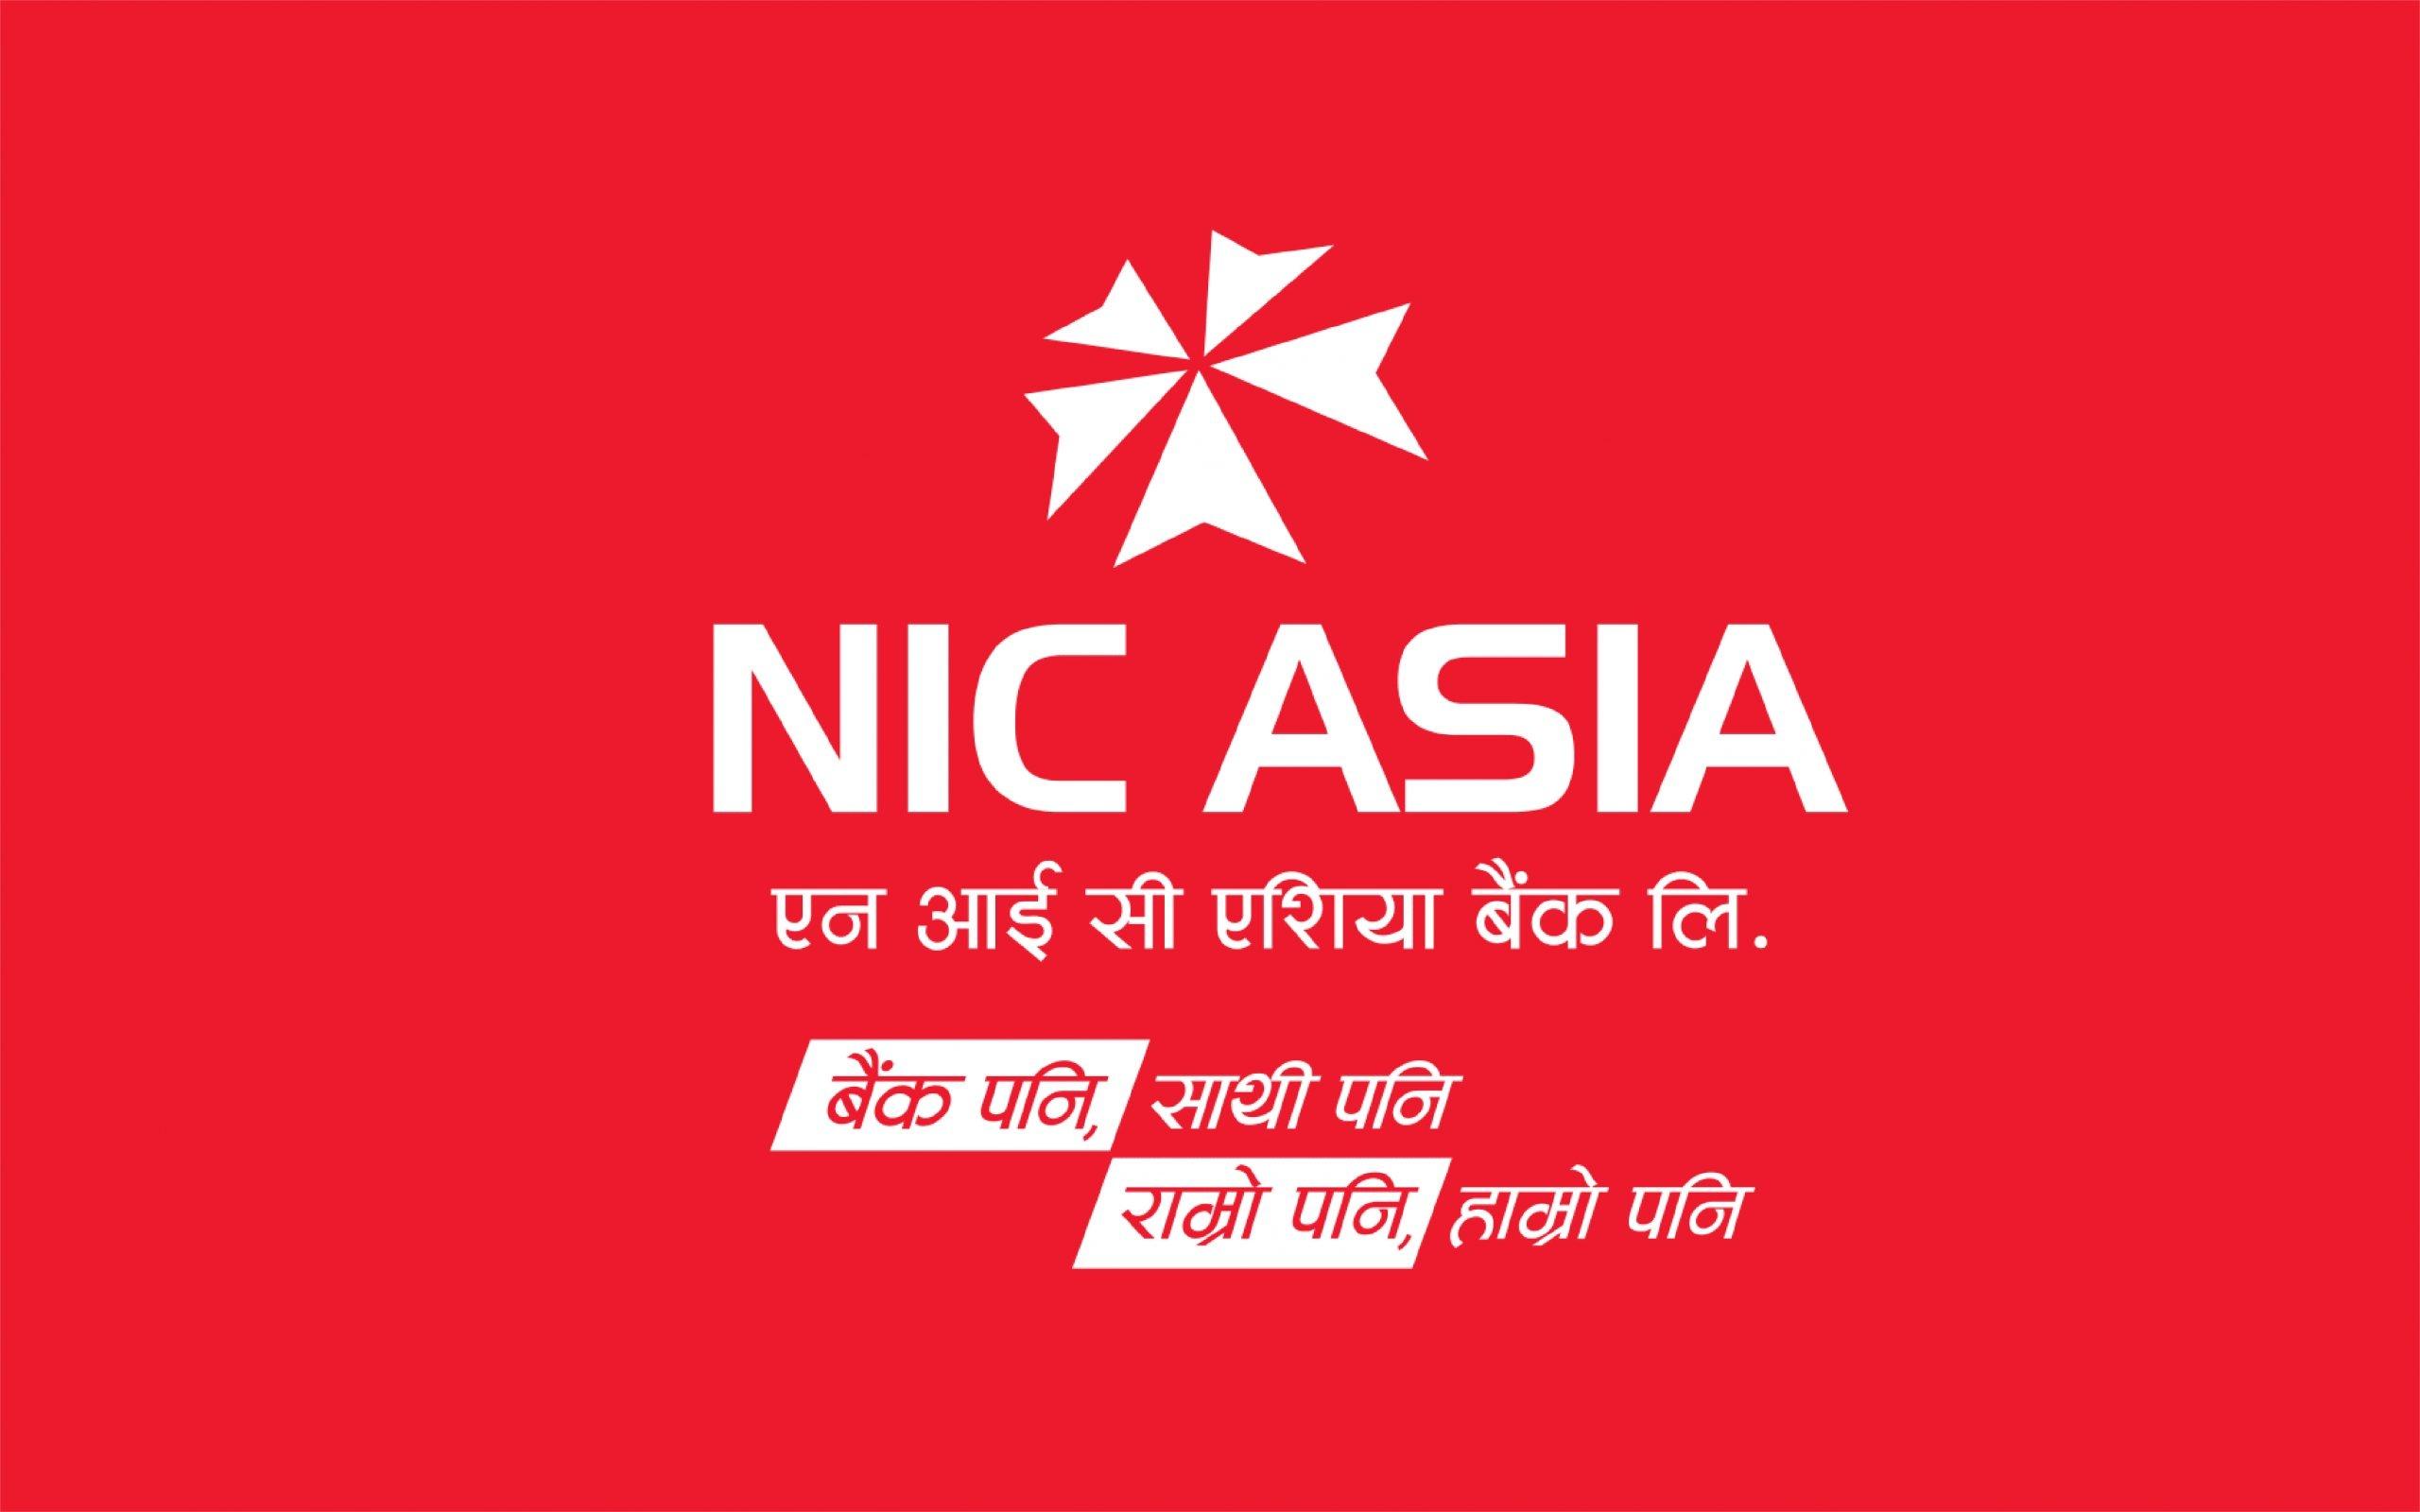 एनआईसी एसिया बैंकले ल्यायाे 'डिजिटल दसैँ' योजना